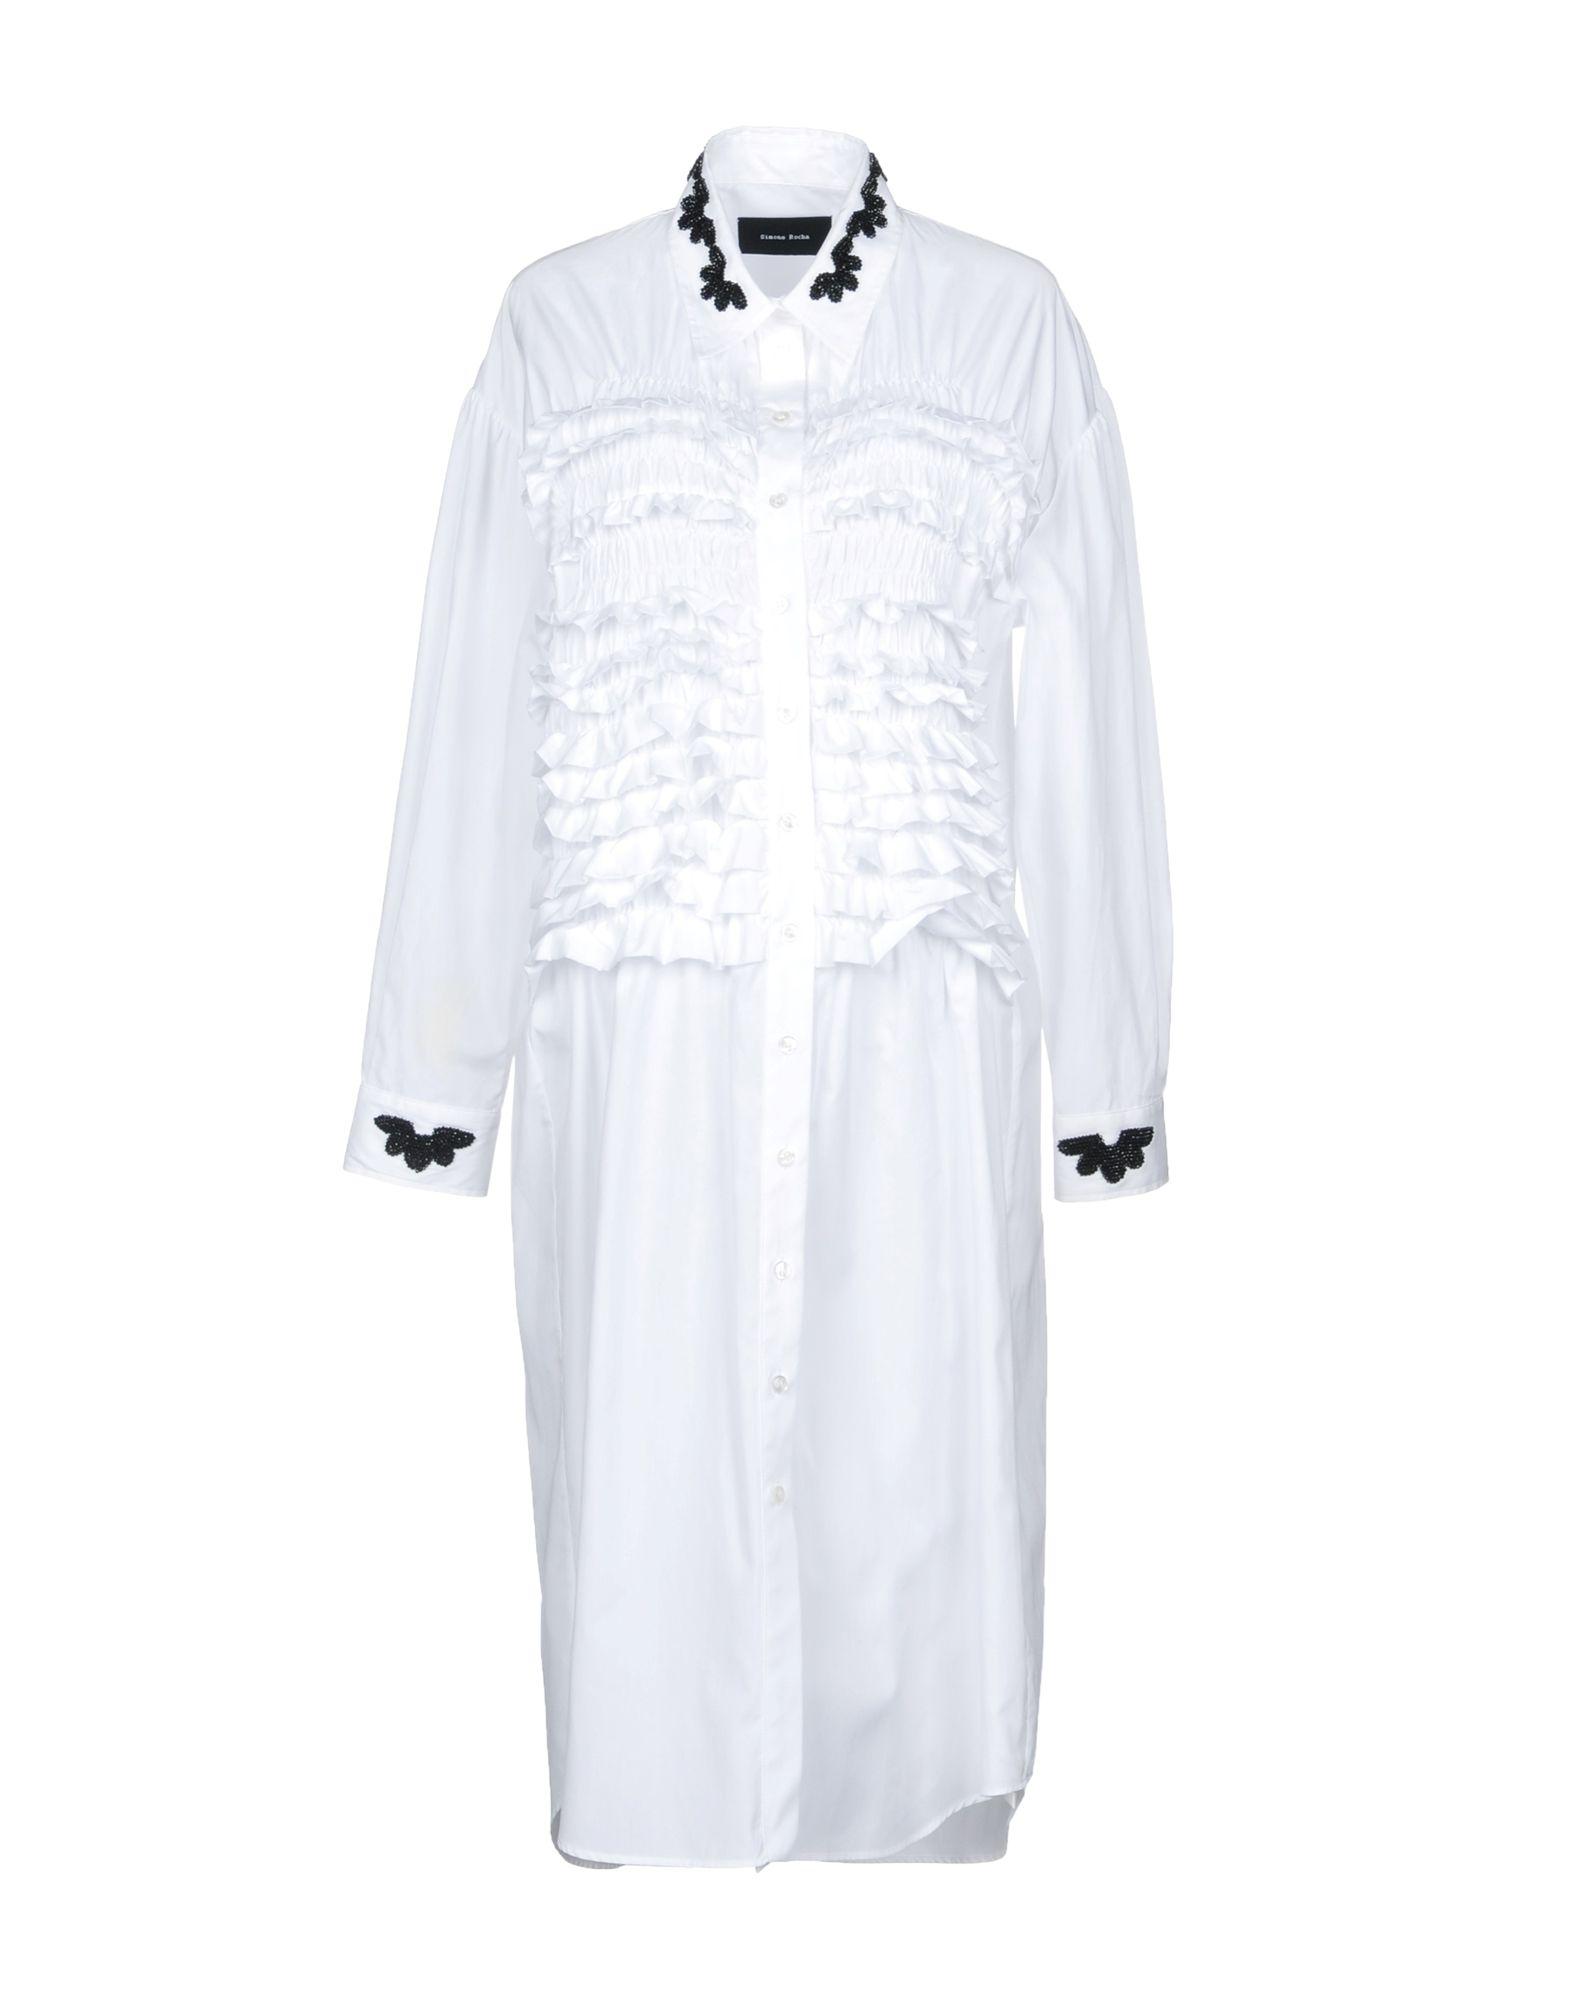 simone rocha x j brand короткое платье SIMONE ROCHA Платье до колена